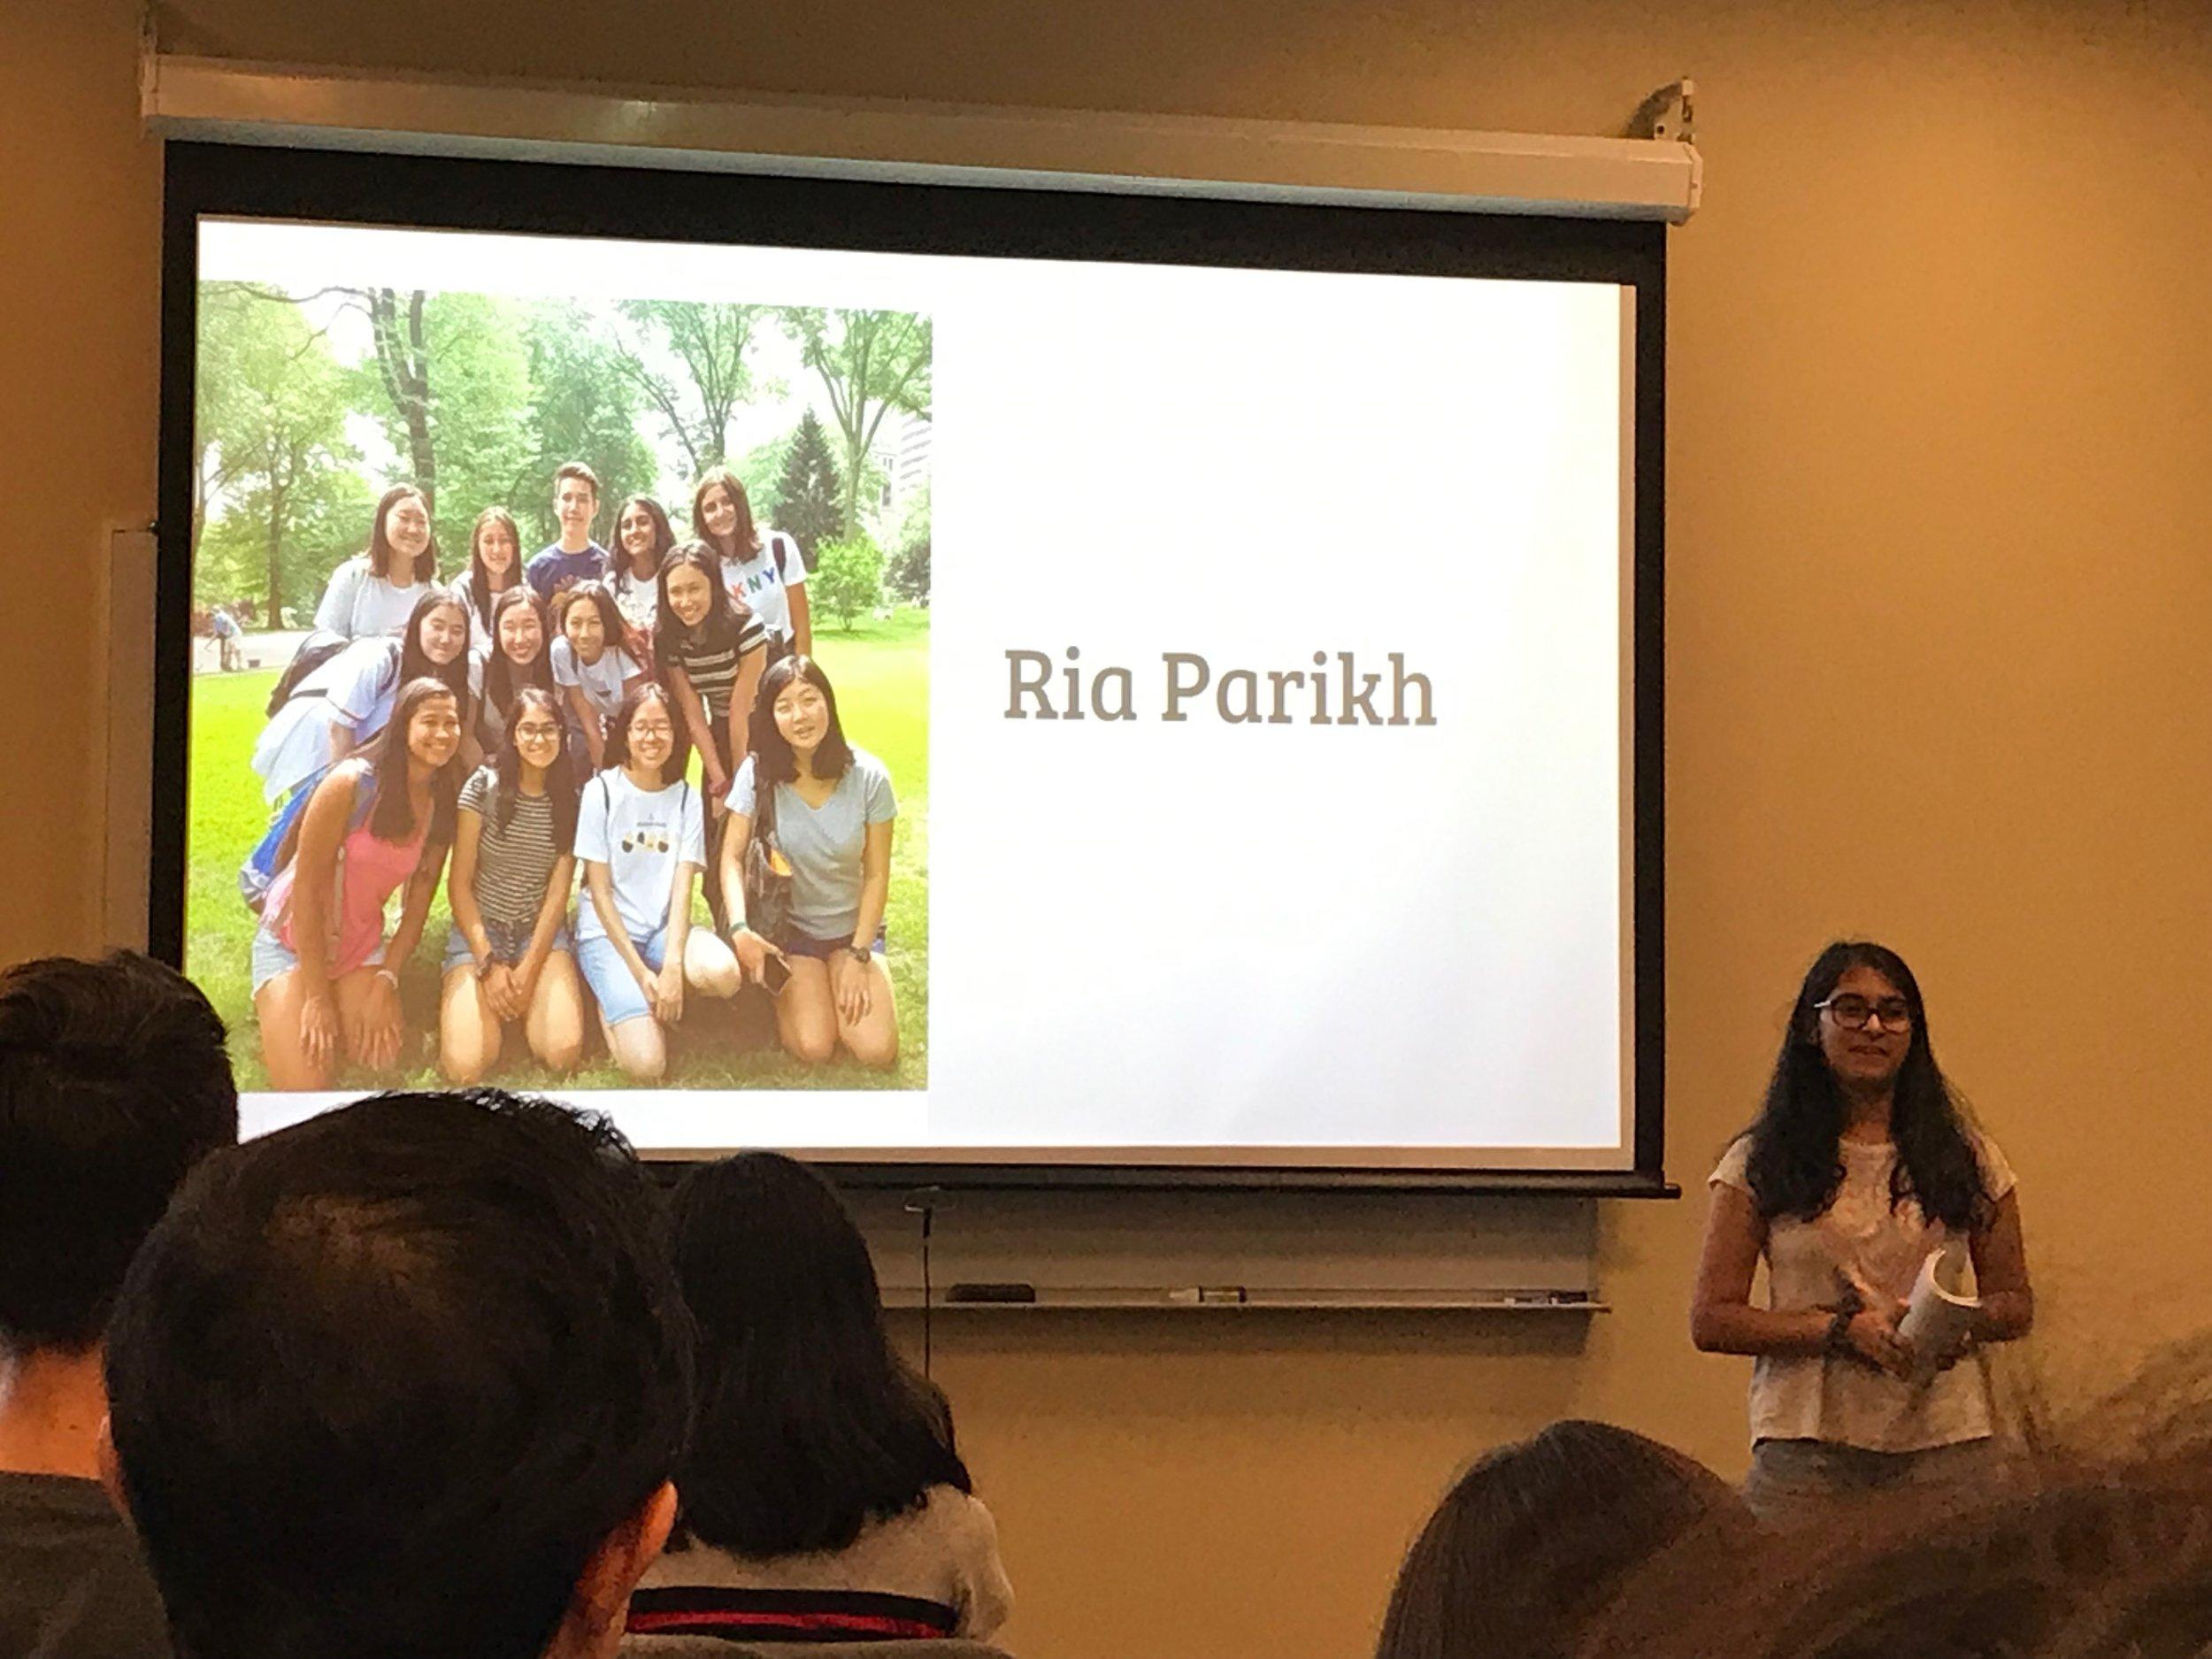 Ria Parikh presents her PechaKucha moment.